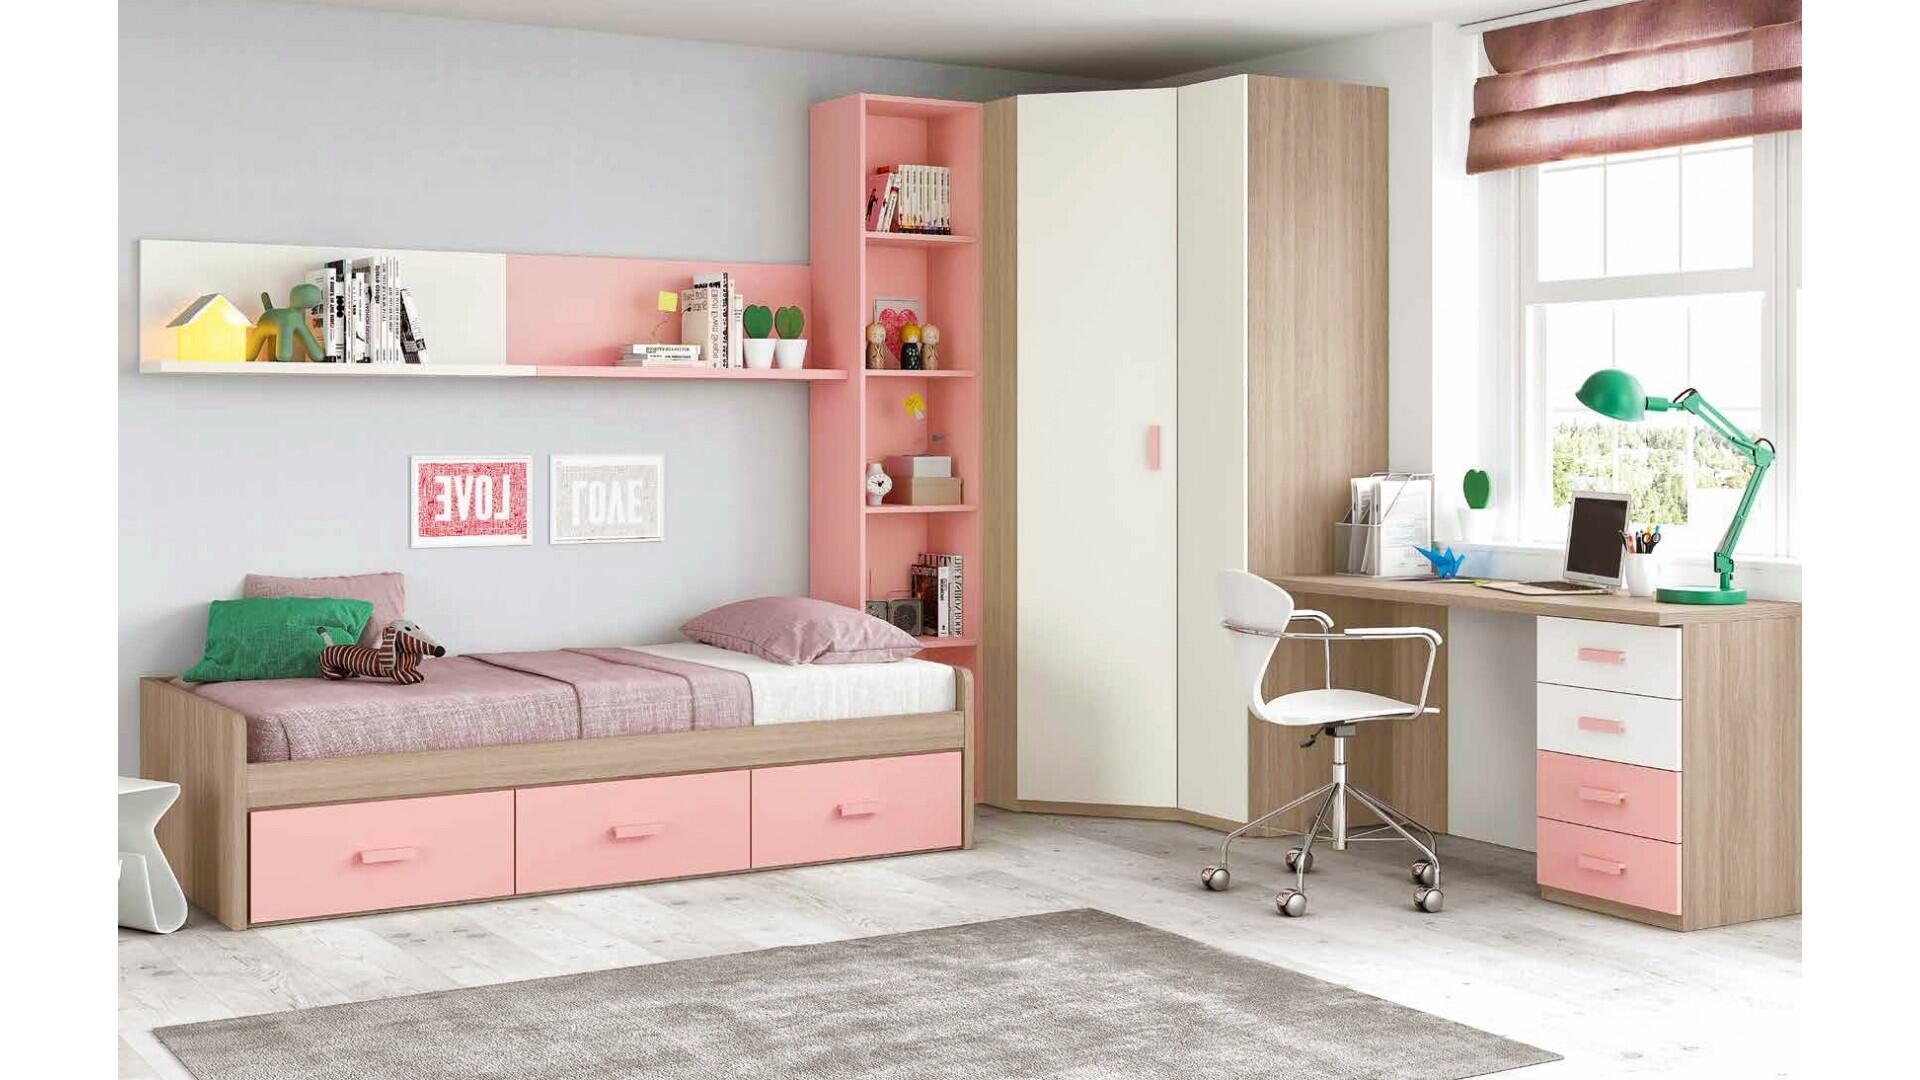 Comment décorer une chambre de fille ado facilement ?